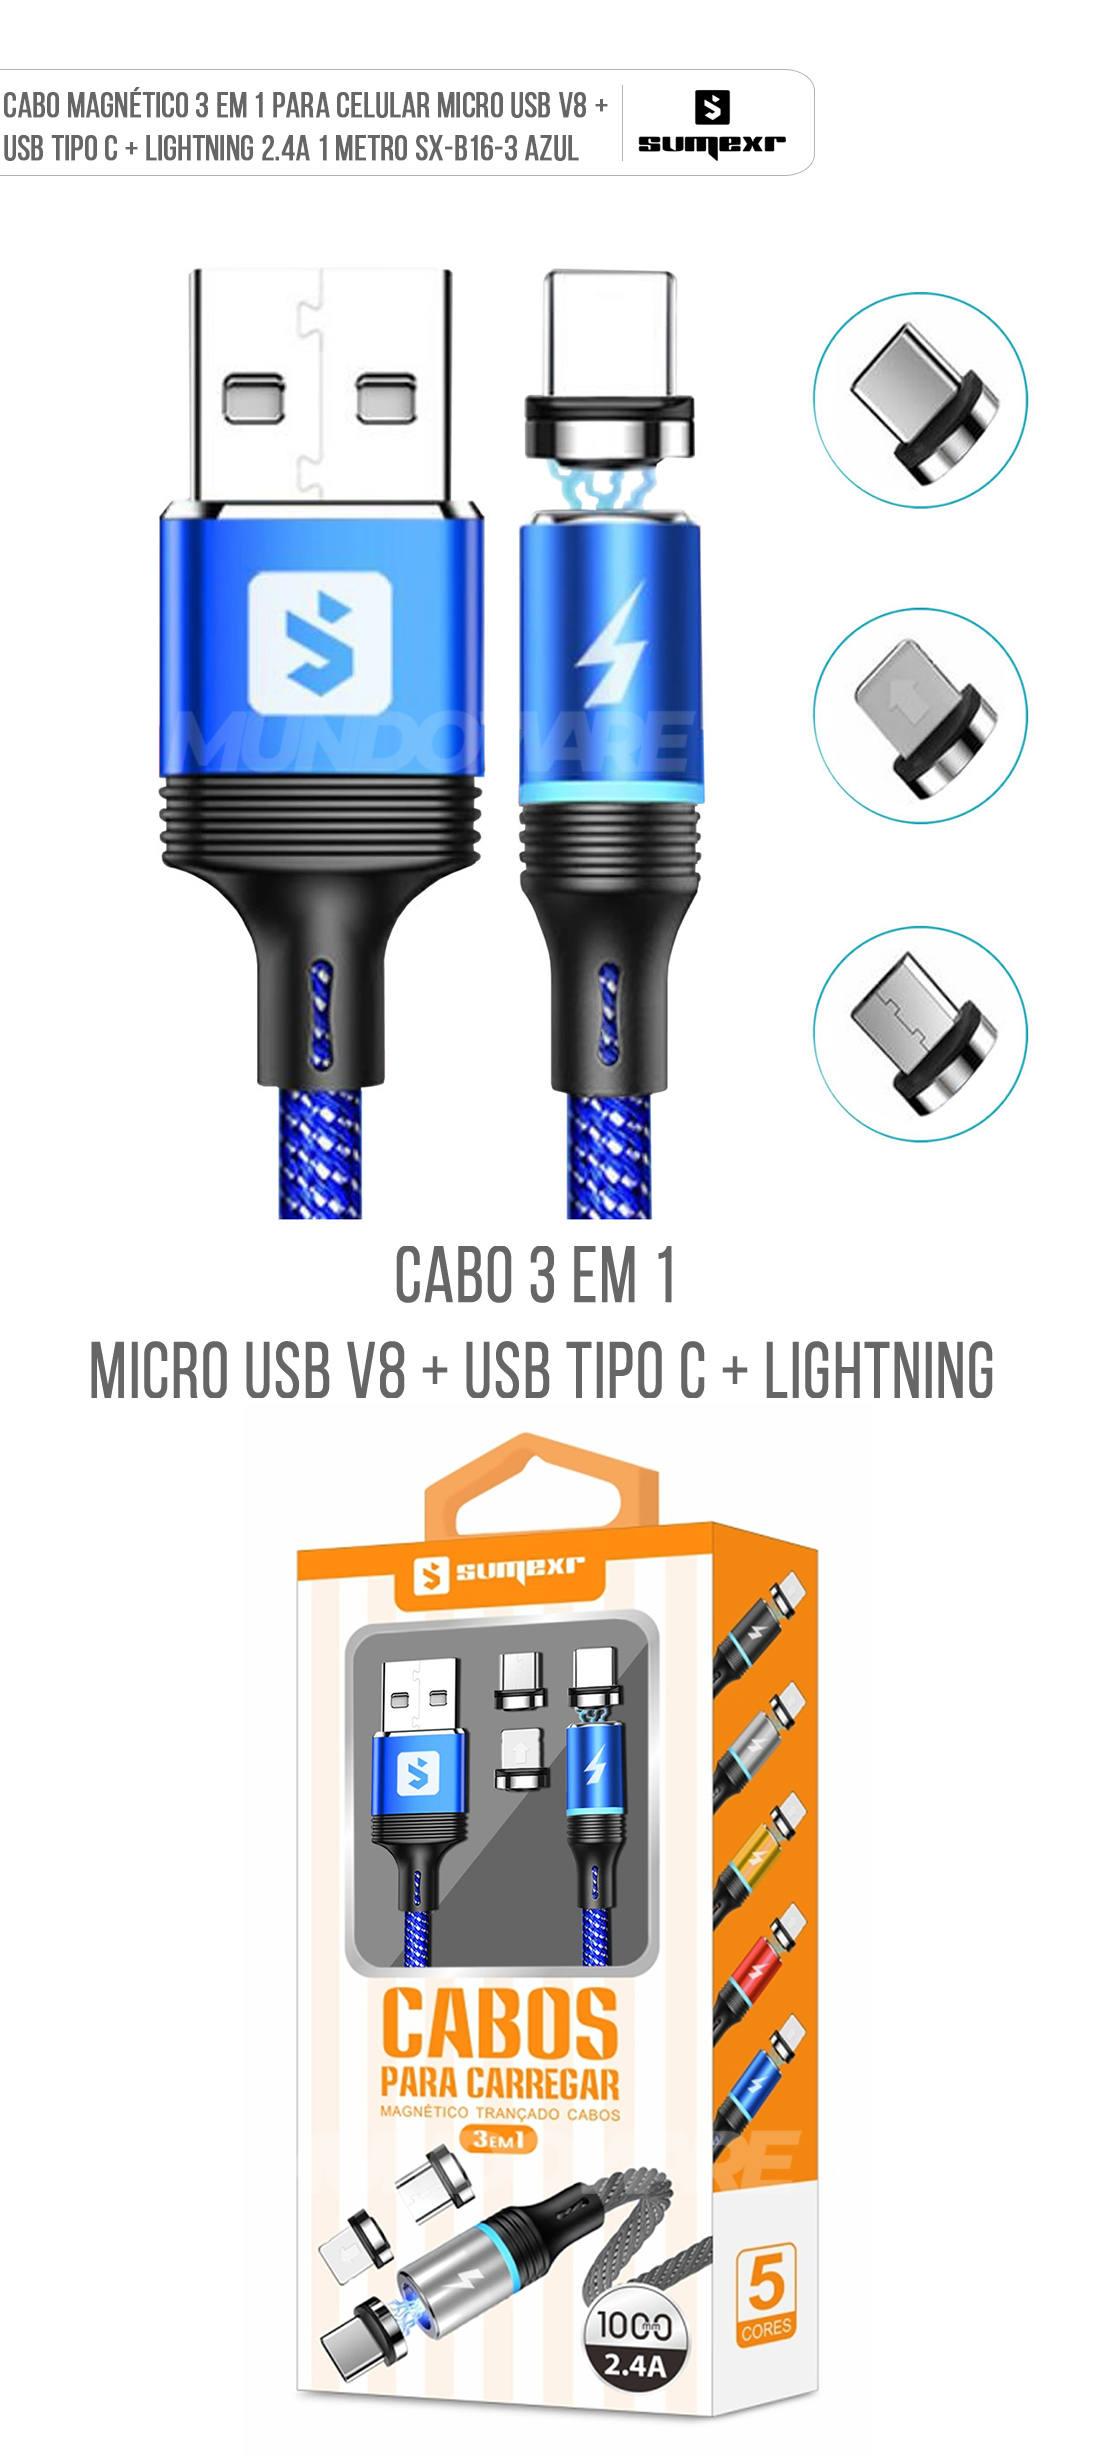 Cabo Magnético 3 em 1 para Celular Micro USB V8 + USB Tipo C + Lightning 2.4A 1 metro SX-B16-3 Azul